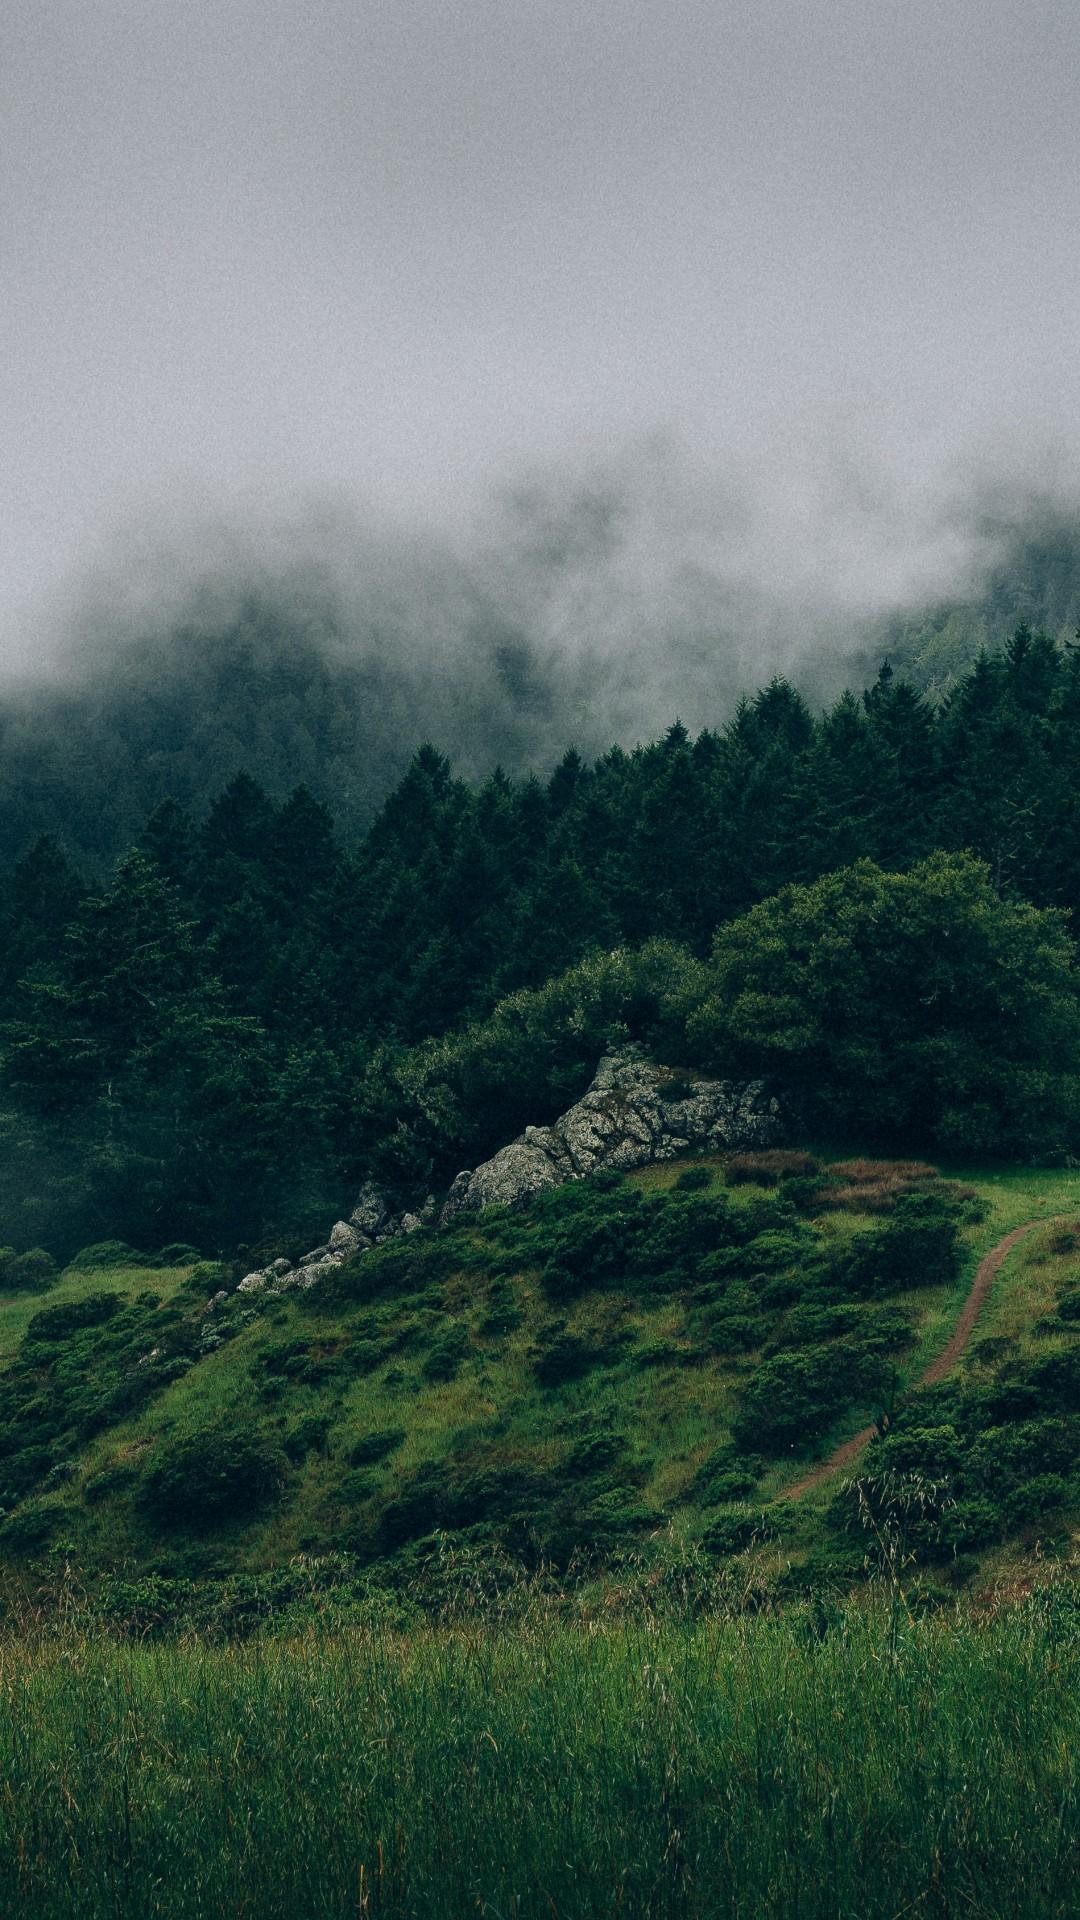 Wallpaper Forest 5k 4k wallpaper 8k mist hills fog